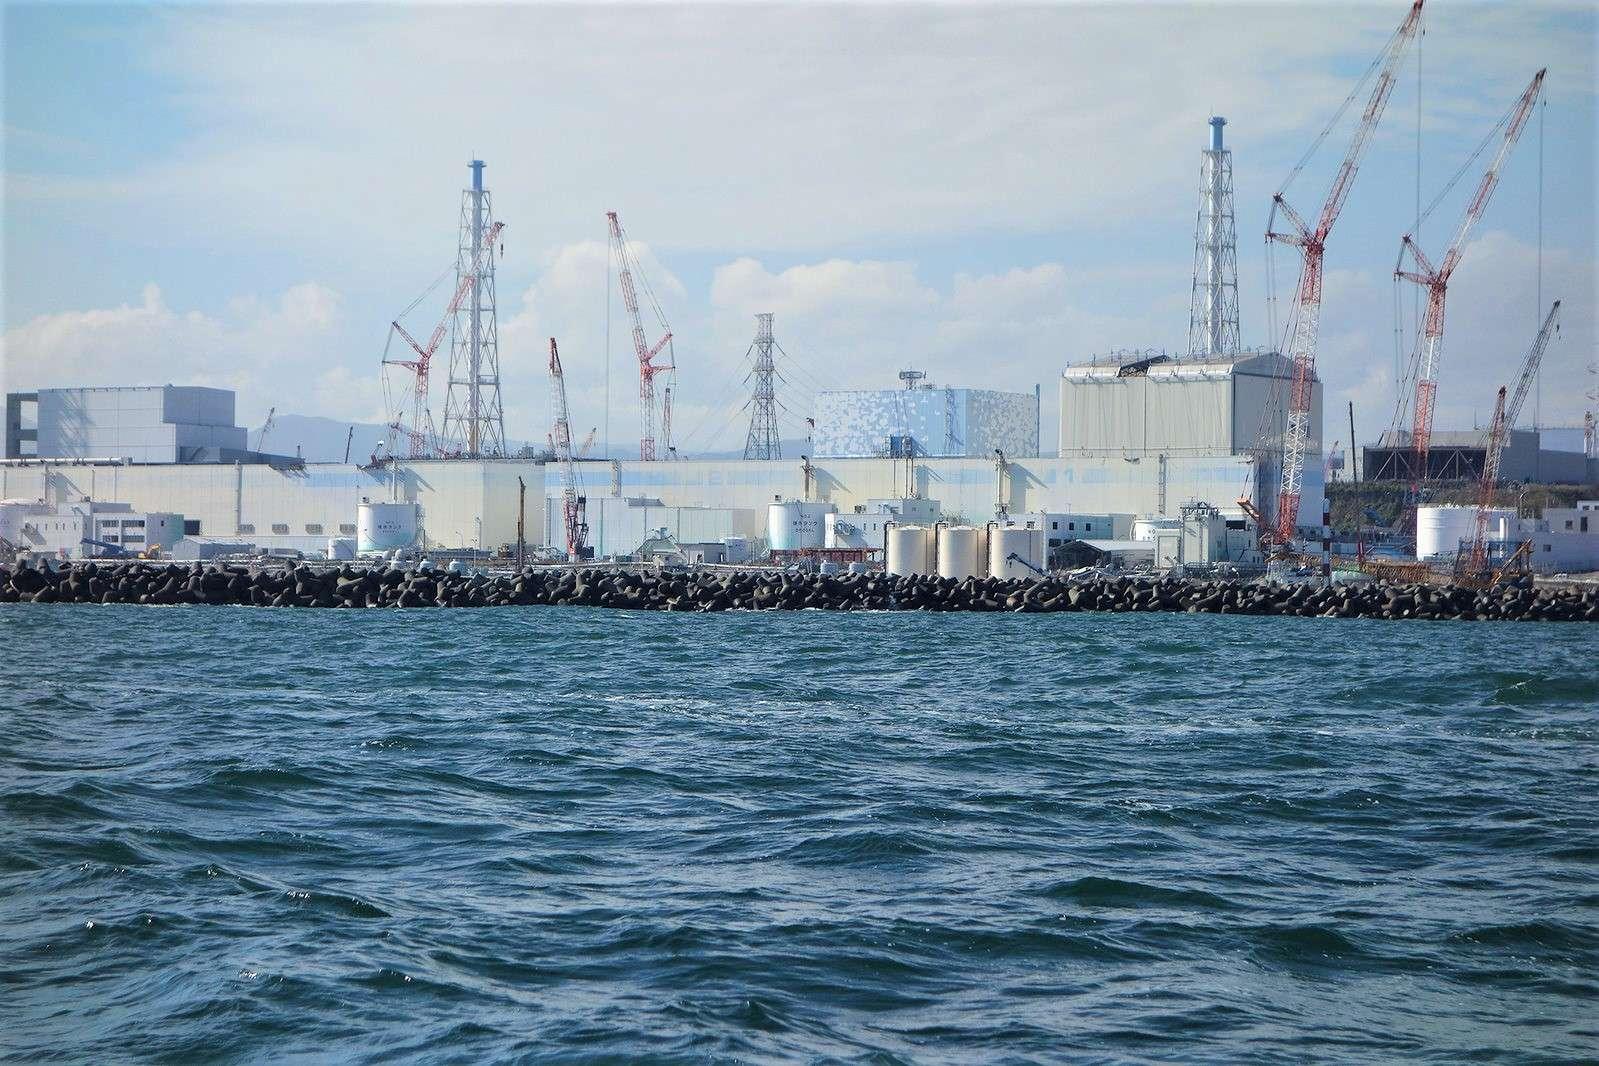 Les experts de l'Agence internationale de l'énergie atomique (AIEA) jugent que la solution d'un déversement contrôlé des eaux contaminées de Fukushima dans l'océan Pacifique est la solution la plus réaliste aux difficultés de déclassement du site. Ici, la centrale nucléaire de Fukushima en 2014, soit trois ans après la catastrophe. © IAEA Imagebank, Flickr, CC By-NC-ND 2.0